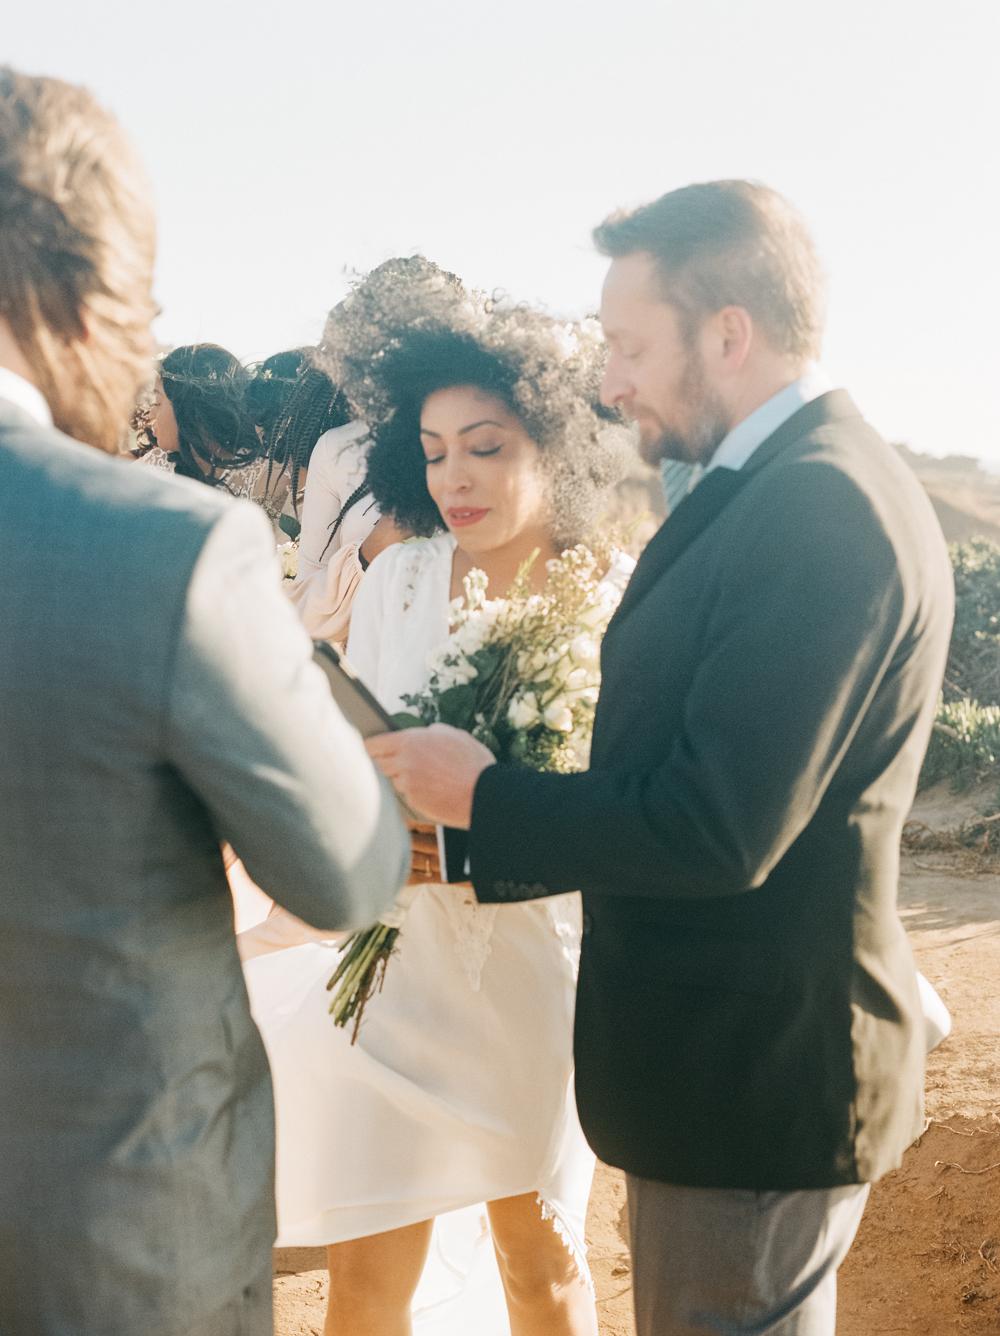 carmel by the sea wedding venues-13.jpg